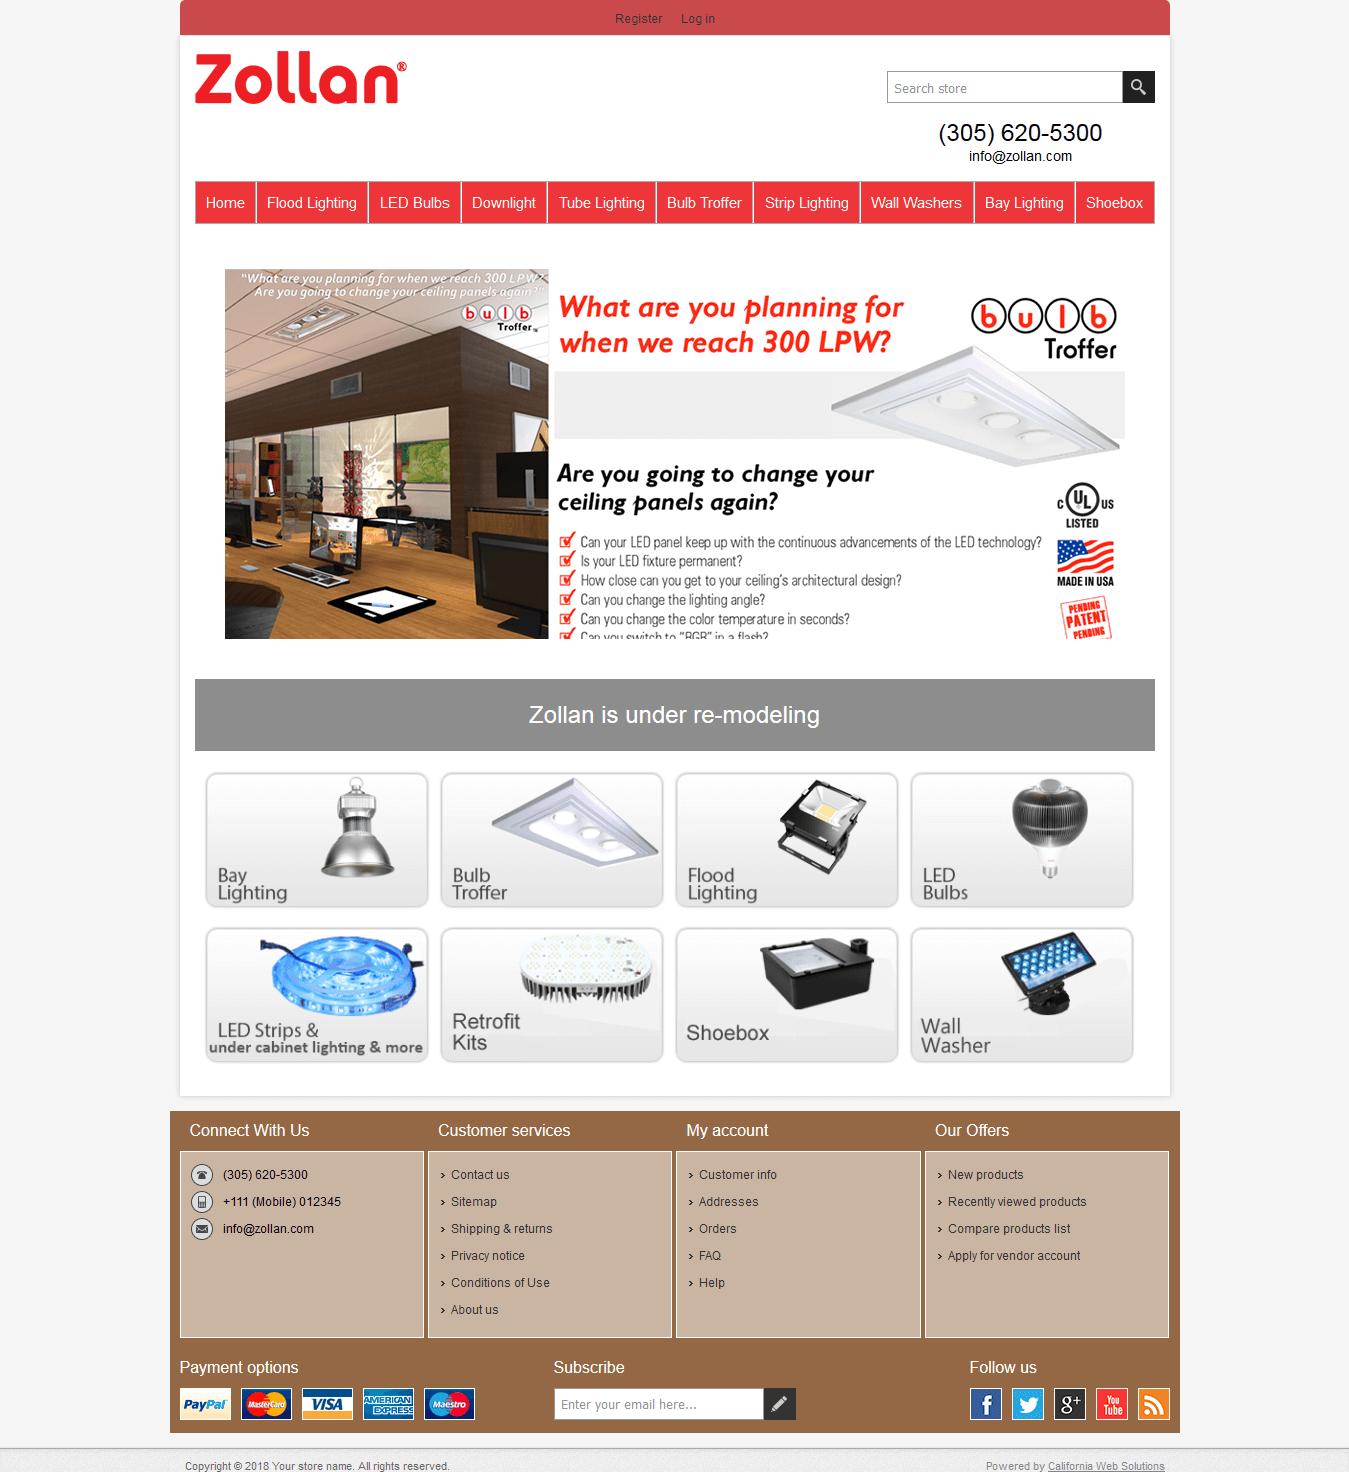 Zollan/